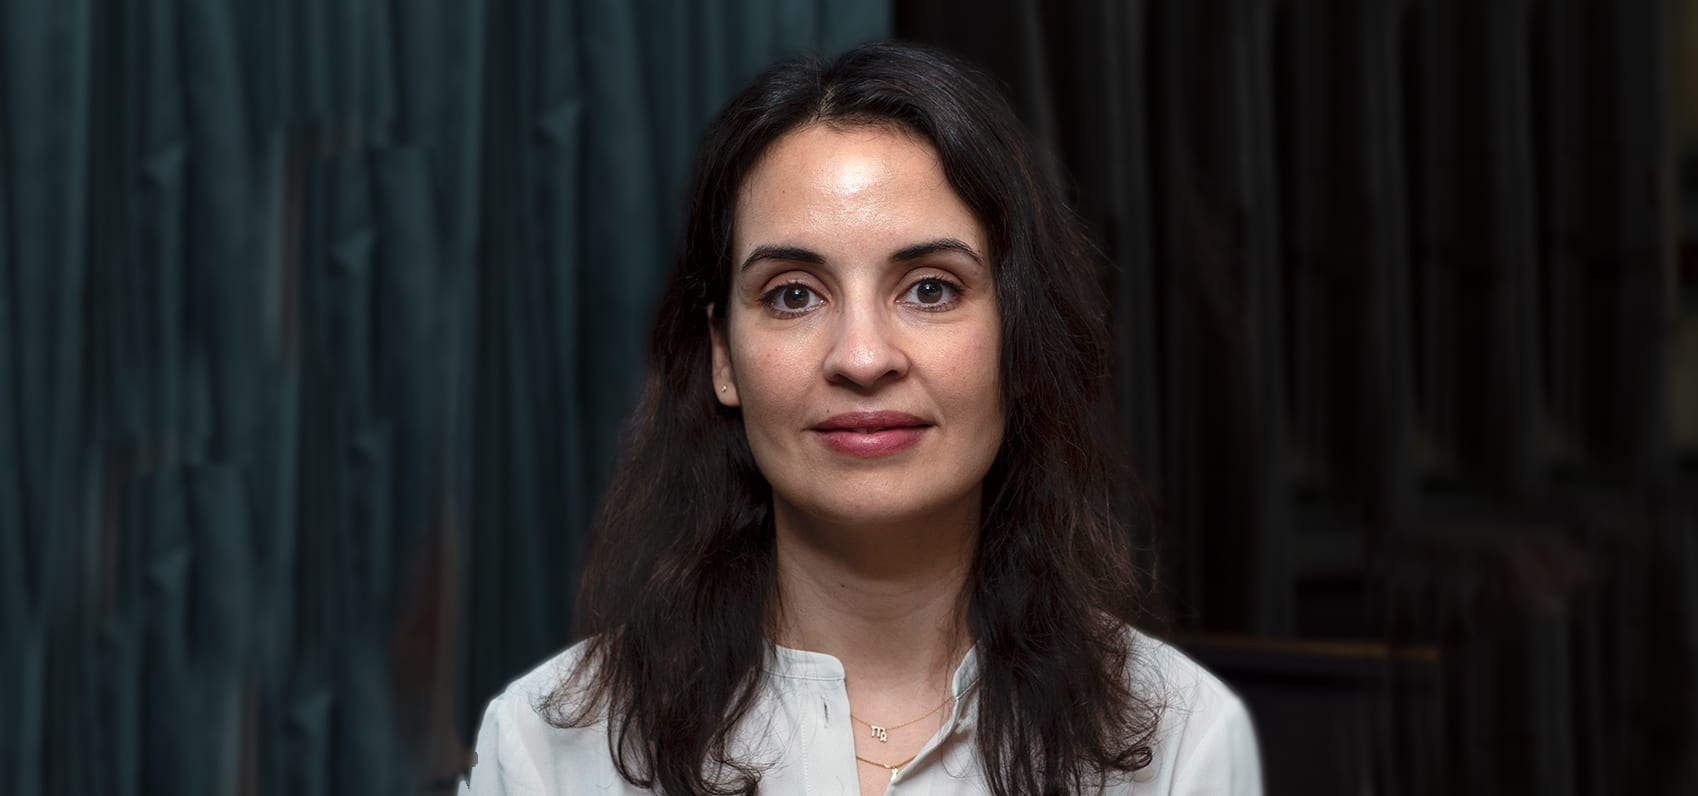 """Emira Blomberg: """"Det är ett enormt förtroende att ansvara för ett av de absolut viktigaste investeringsbeslut en chef gör"""""""